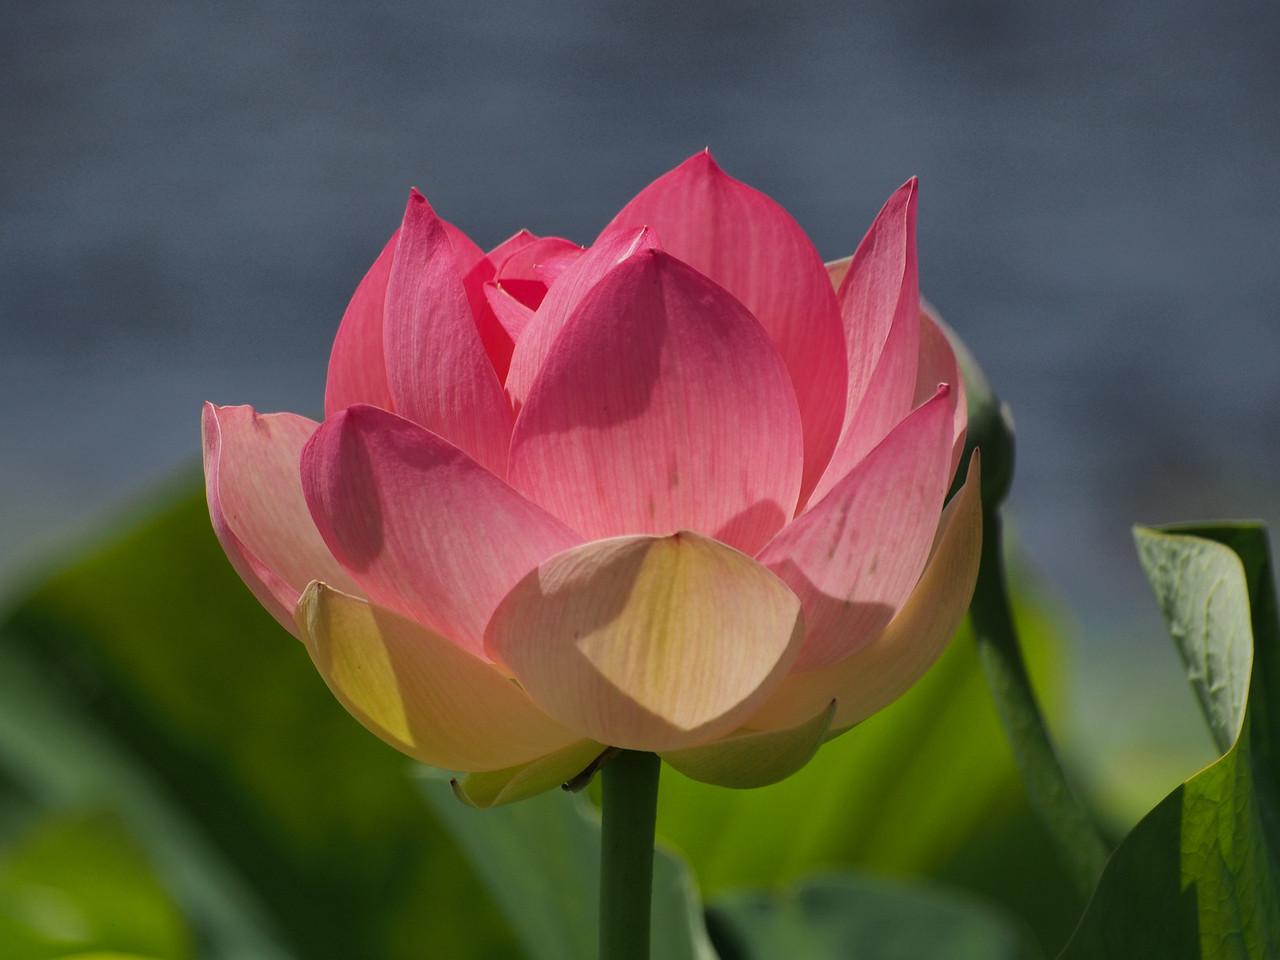 20131228_1346_0118 lotus